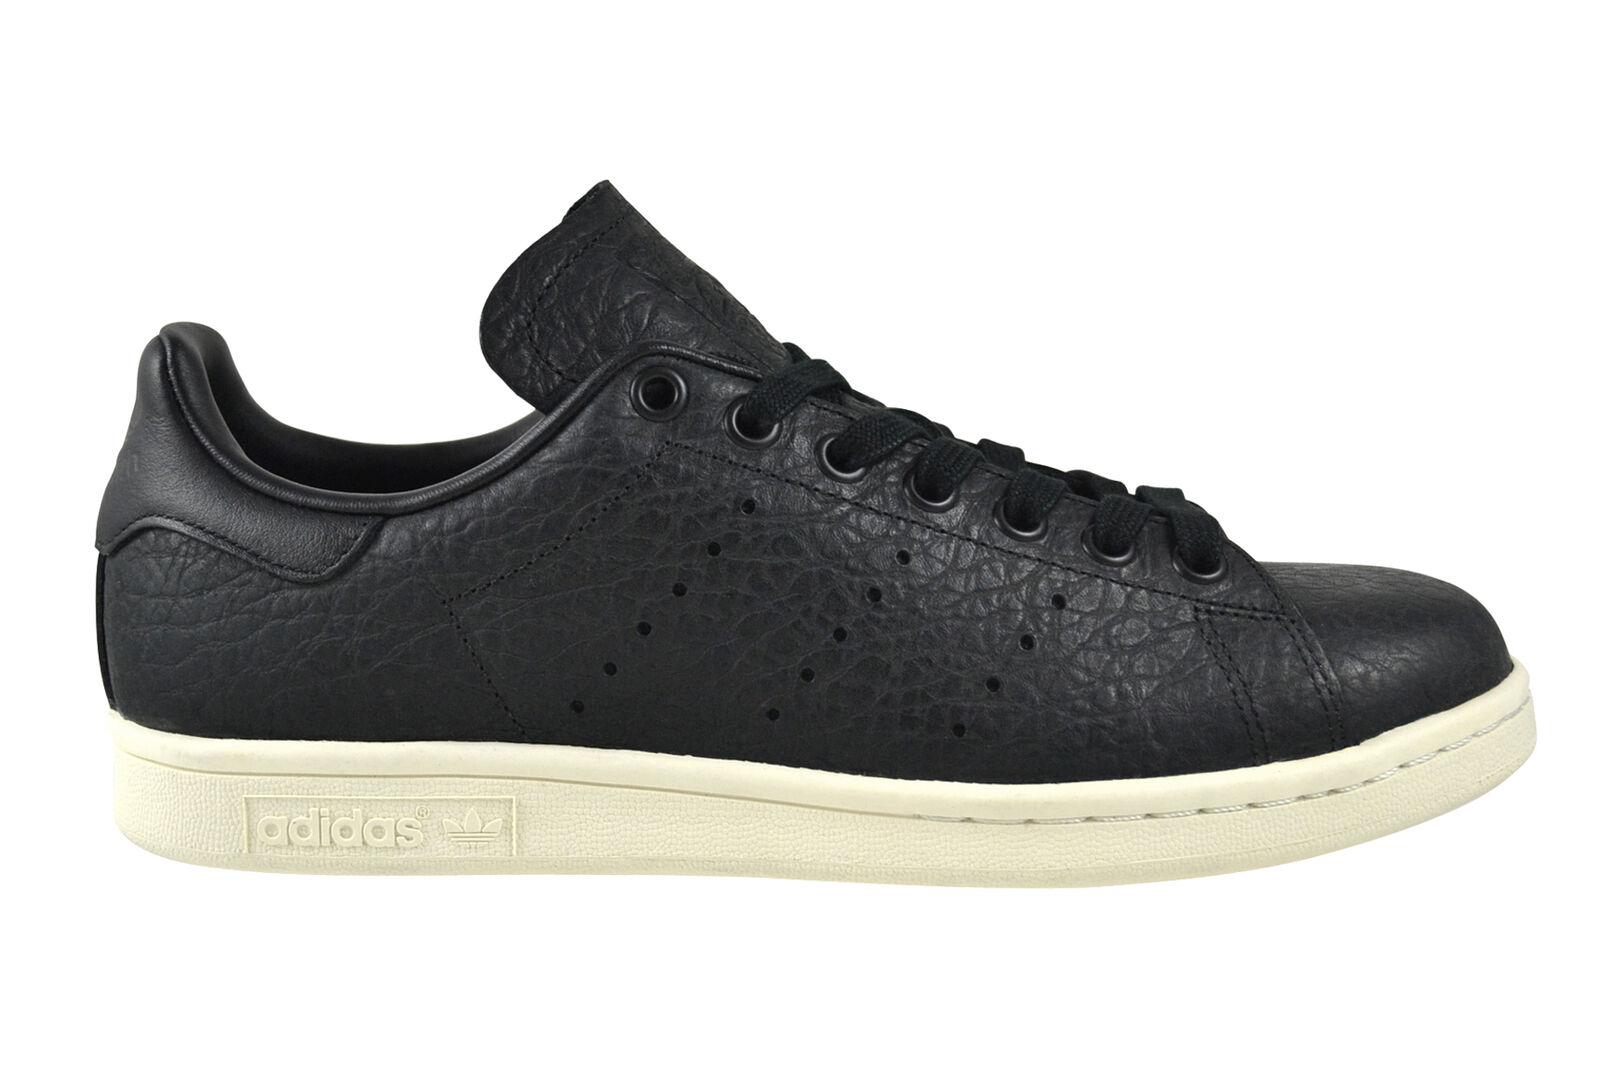 Adidas Stan Smith core schwarz off Weiß Turnschuhe Schuhe schwarz BB0037